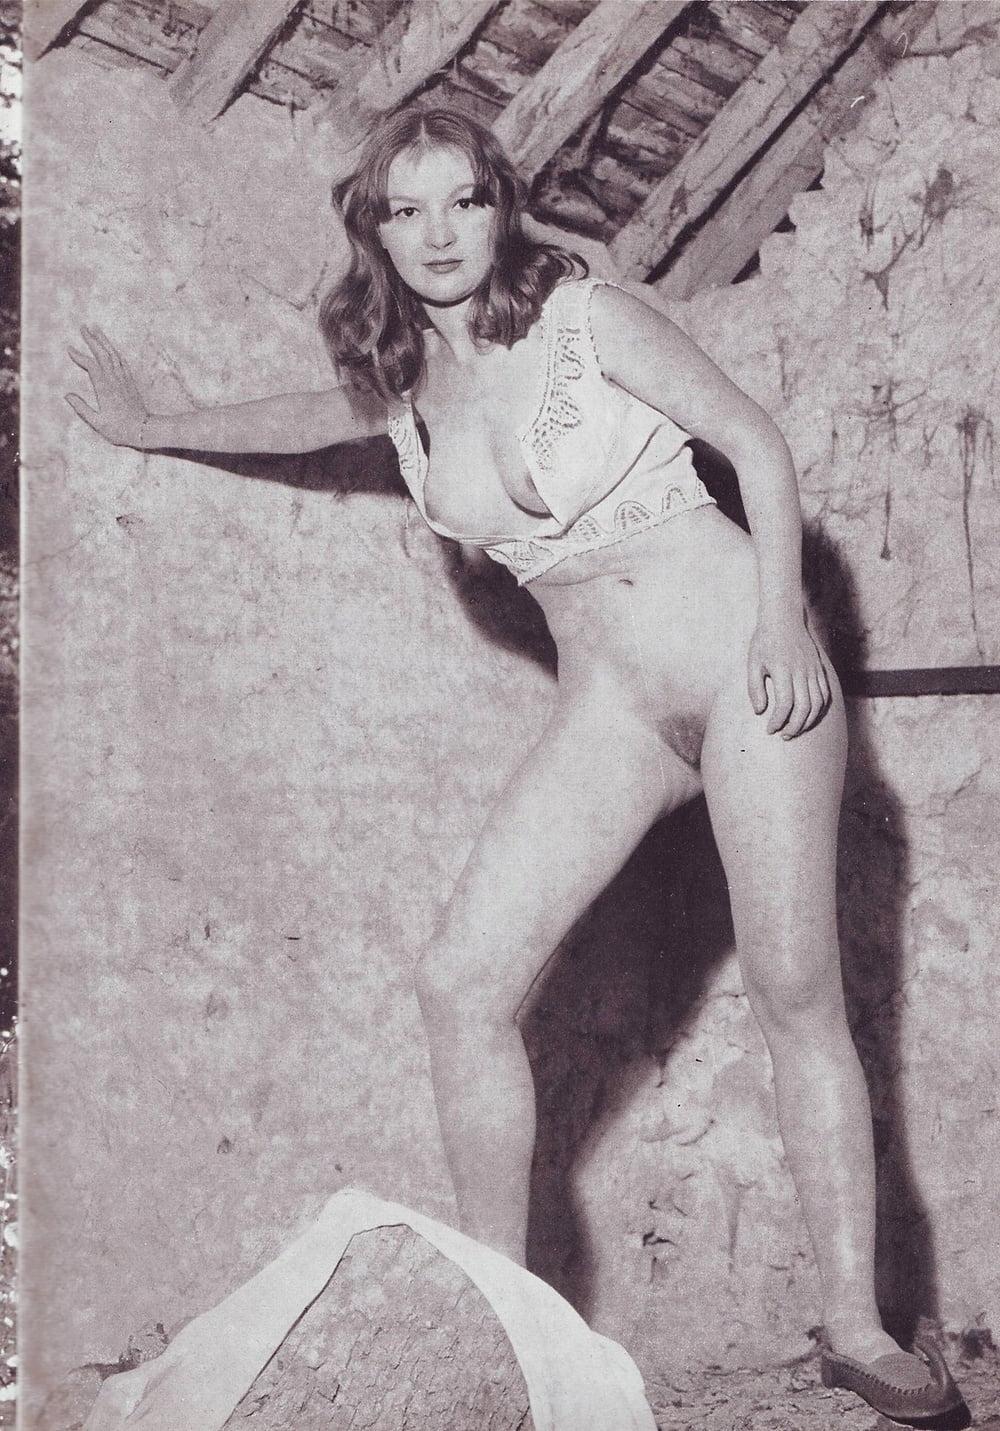 актрисы немецкой эротики - 10